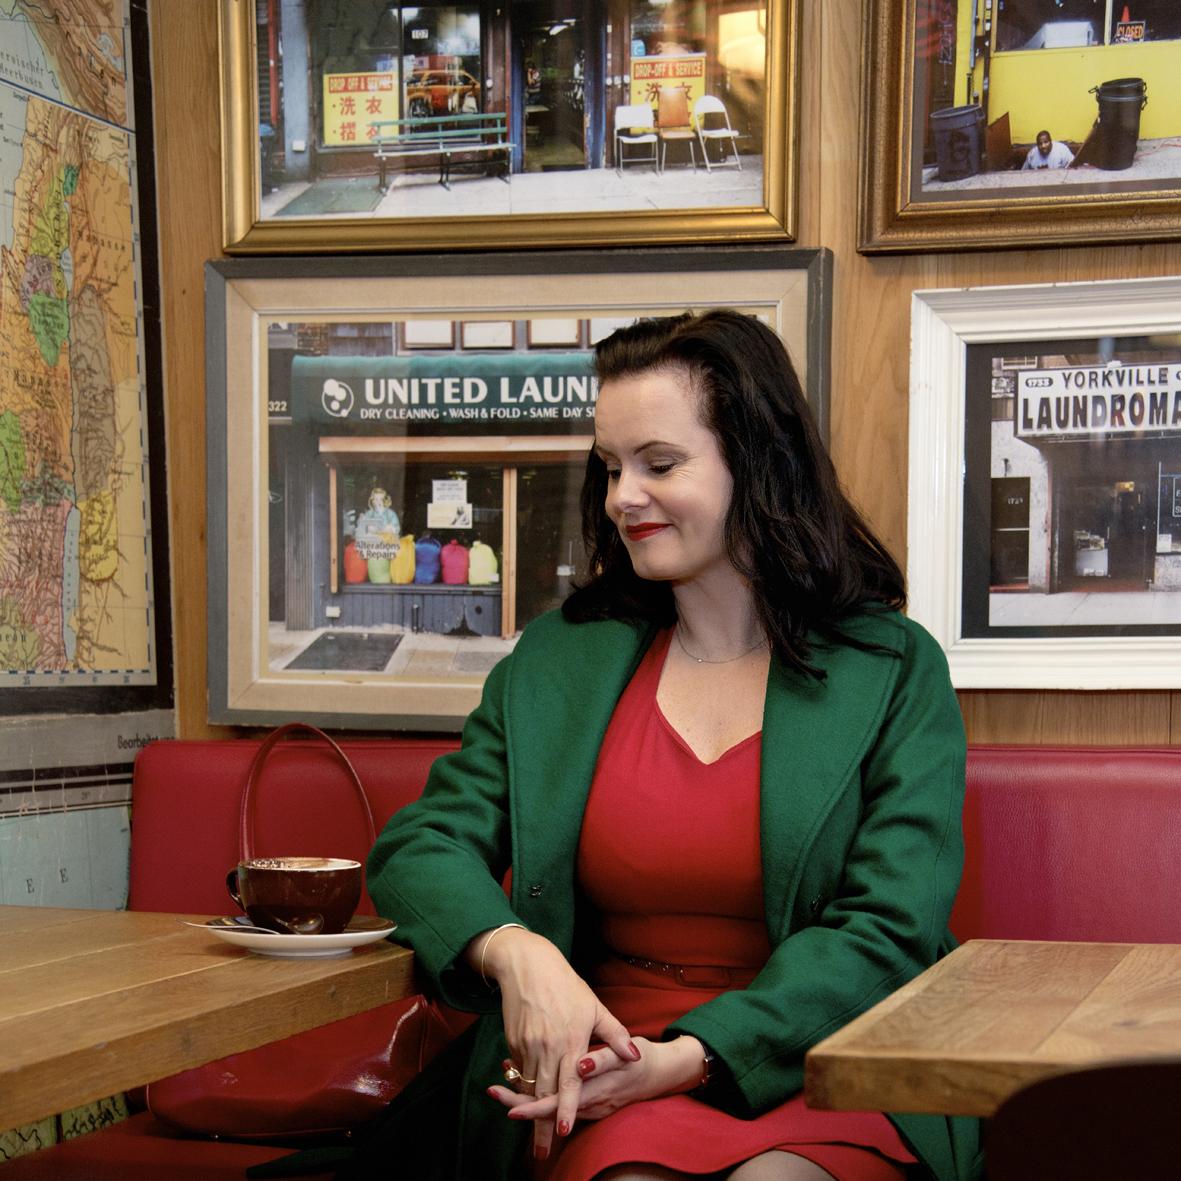 Forfatter Leonora Christina Skov i vores grønne retro inspirerede vinter frakke